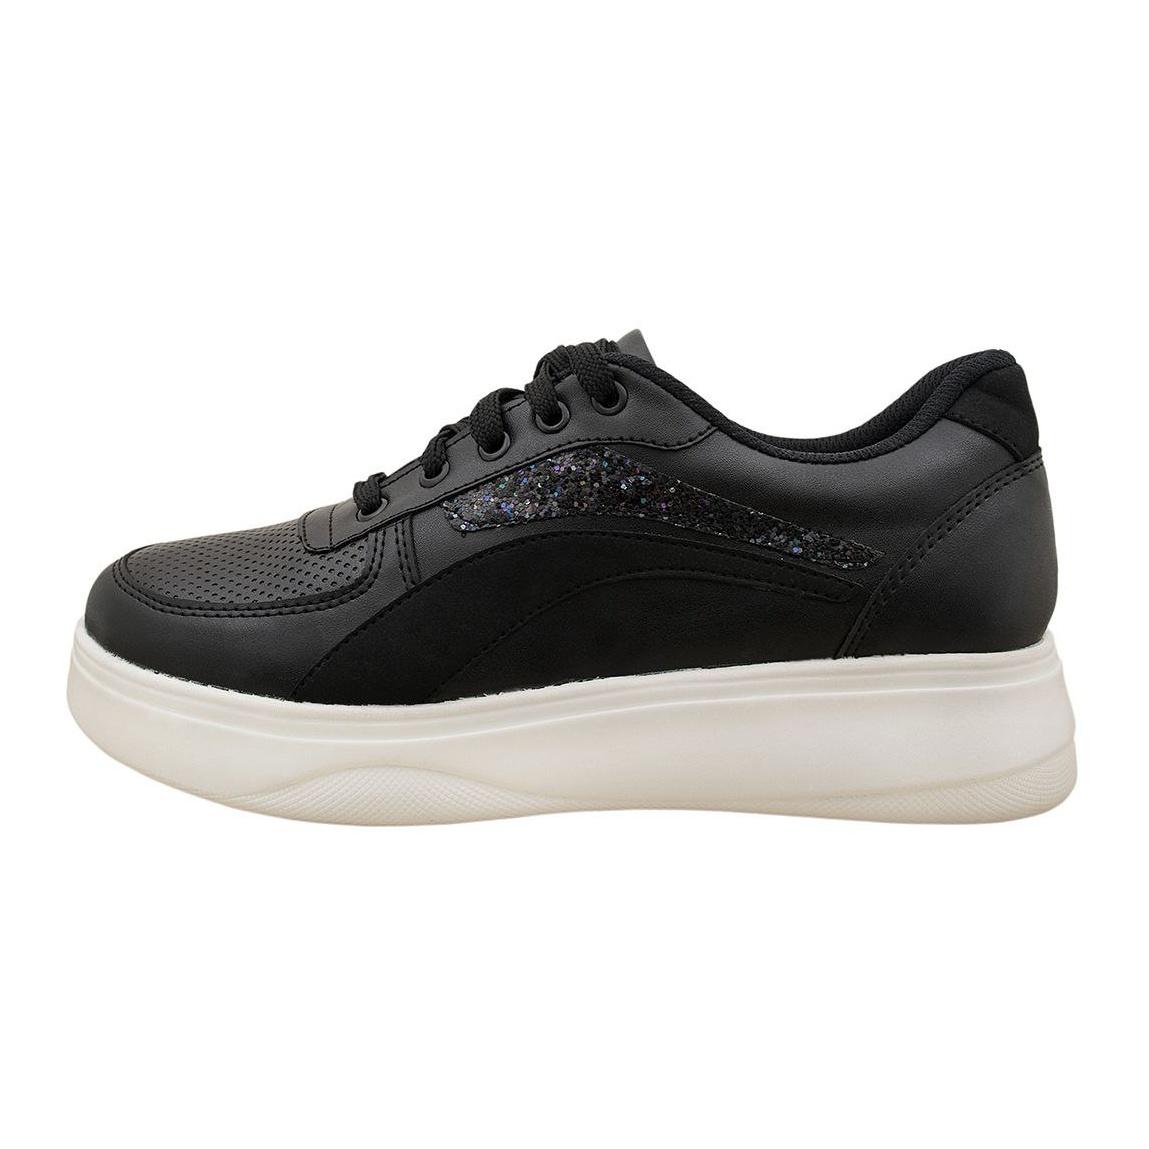 کفش مخصوص پیاده روی زنانه کد Ln310